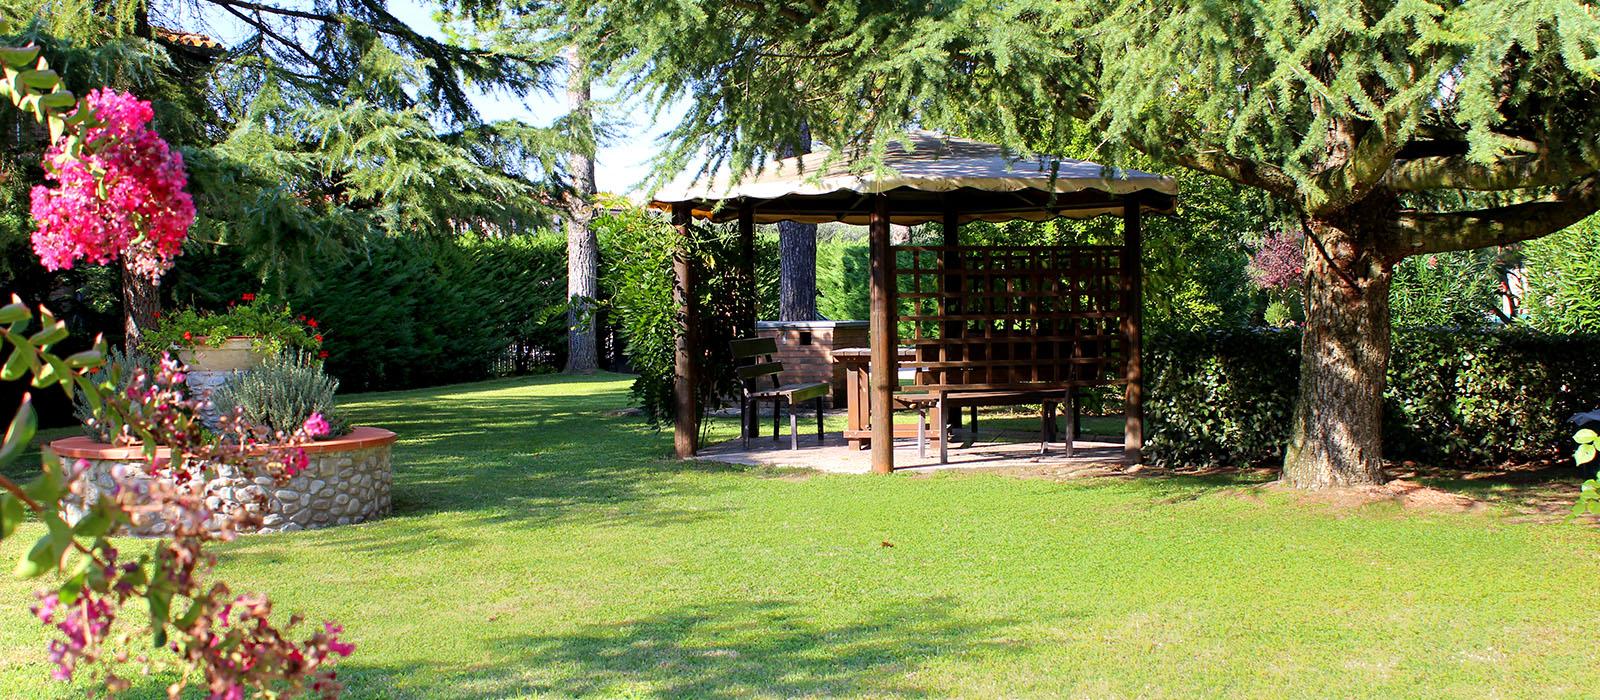 Gazebo giardino agriturismo 7